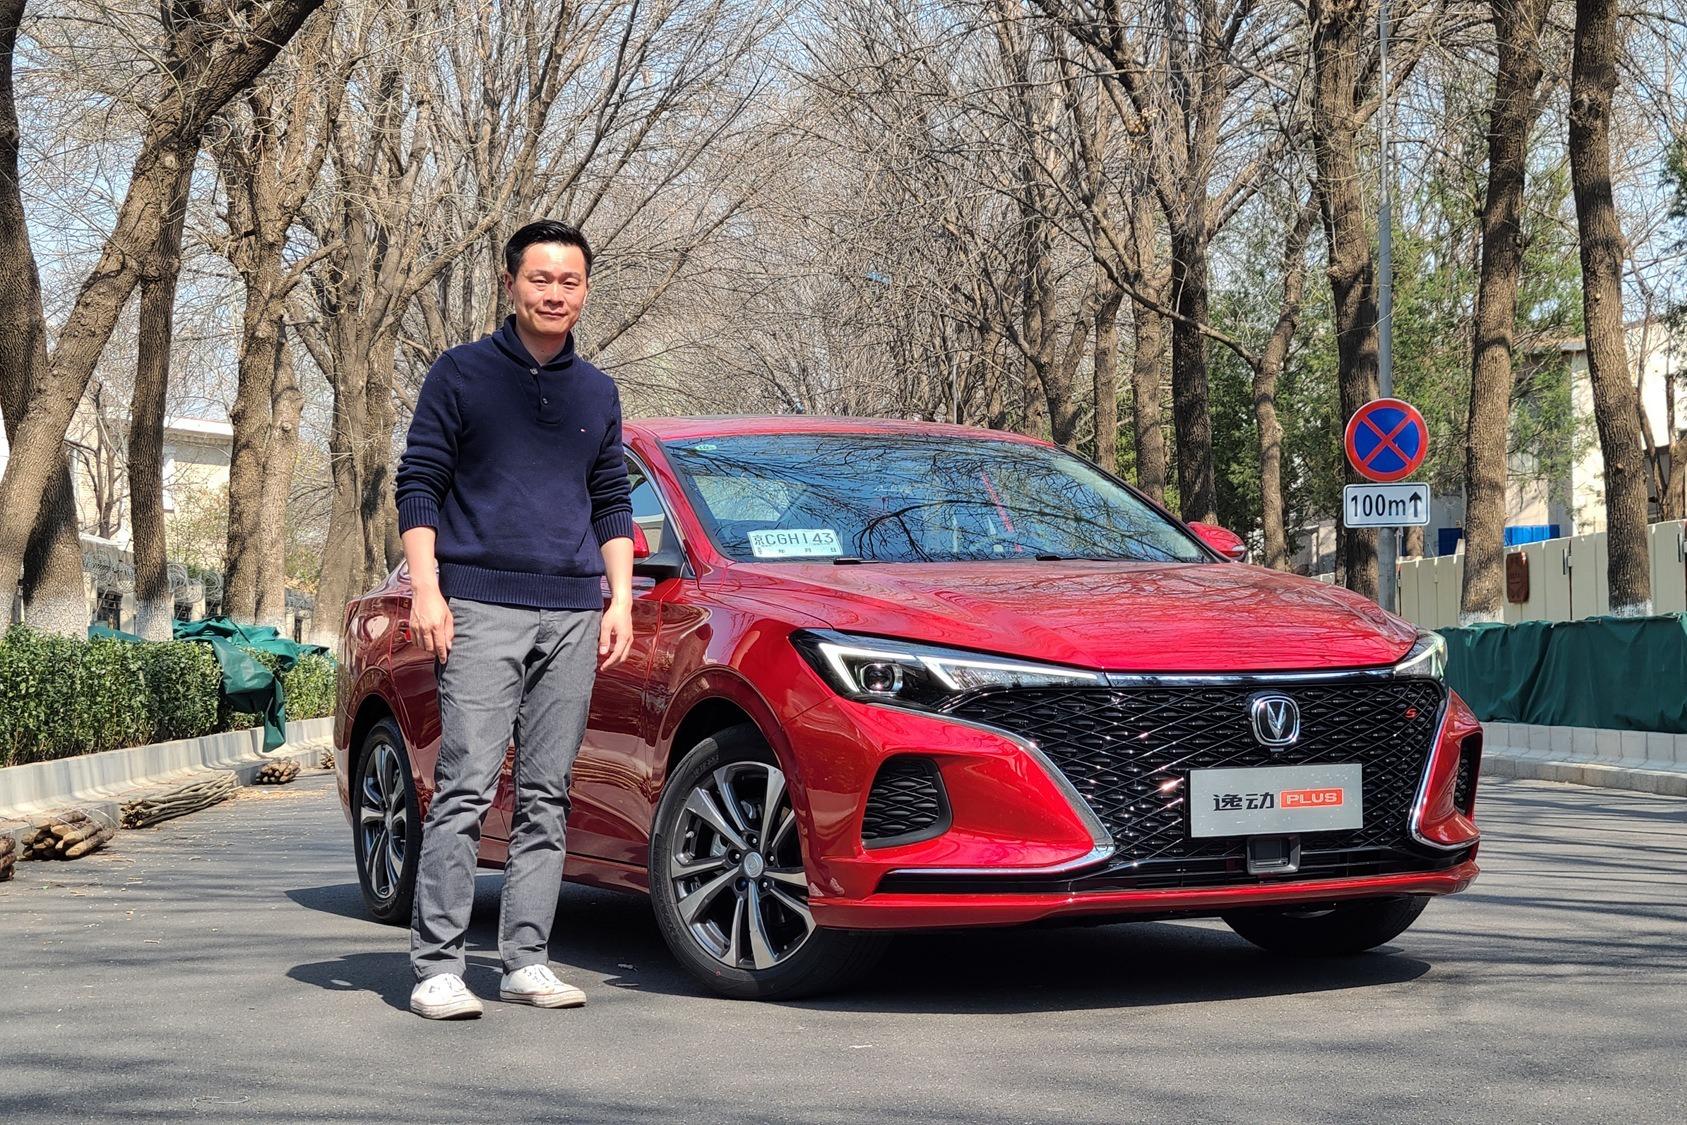 吴佩频道:10万块买轿车,选合资还是自主?